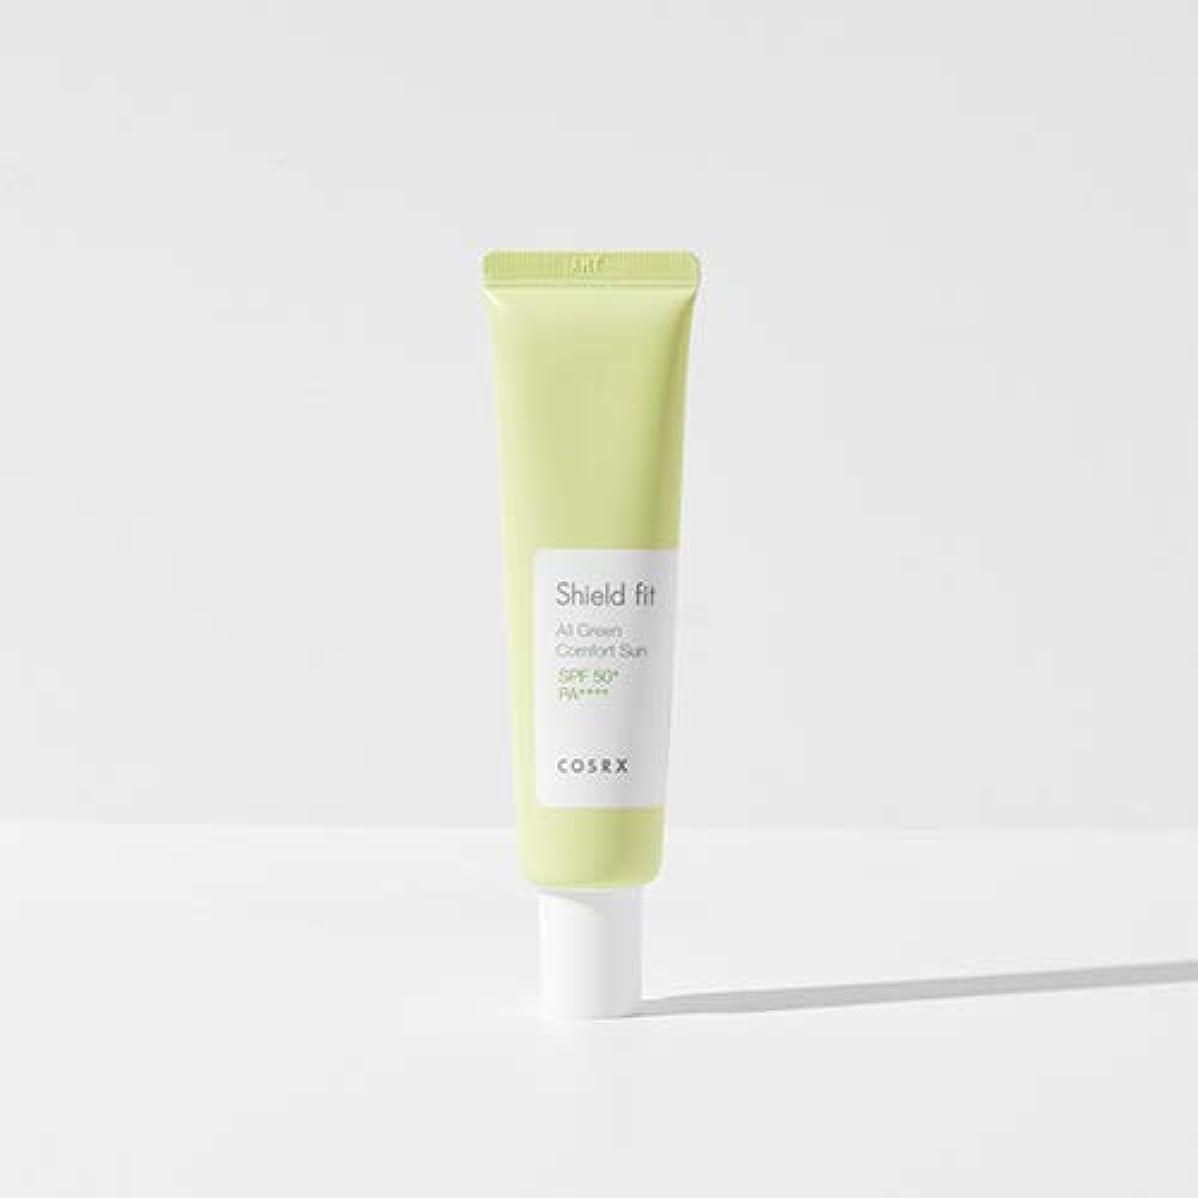 蓮蜂凍るCOSRX シールド フィット オール グリーン コンフォート サン(無機系)/Shield fit All Green Comfort Sun (35ml) [並行輸入品]